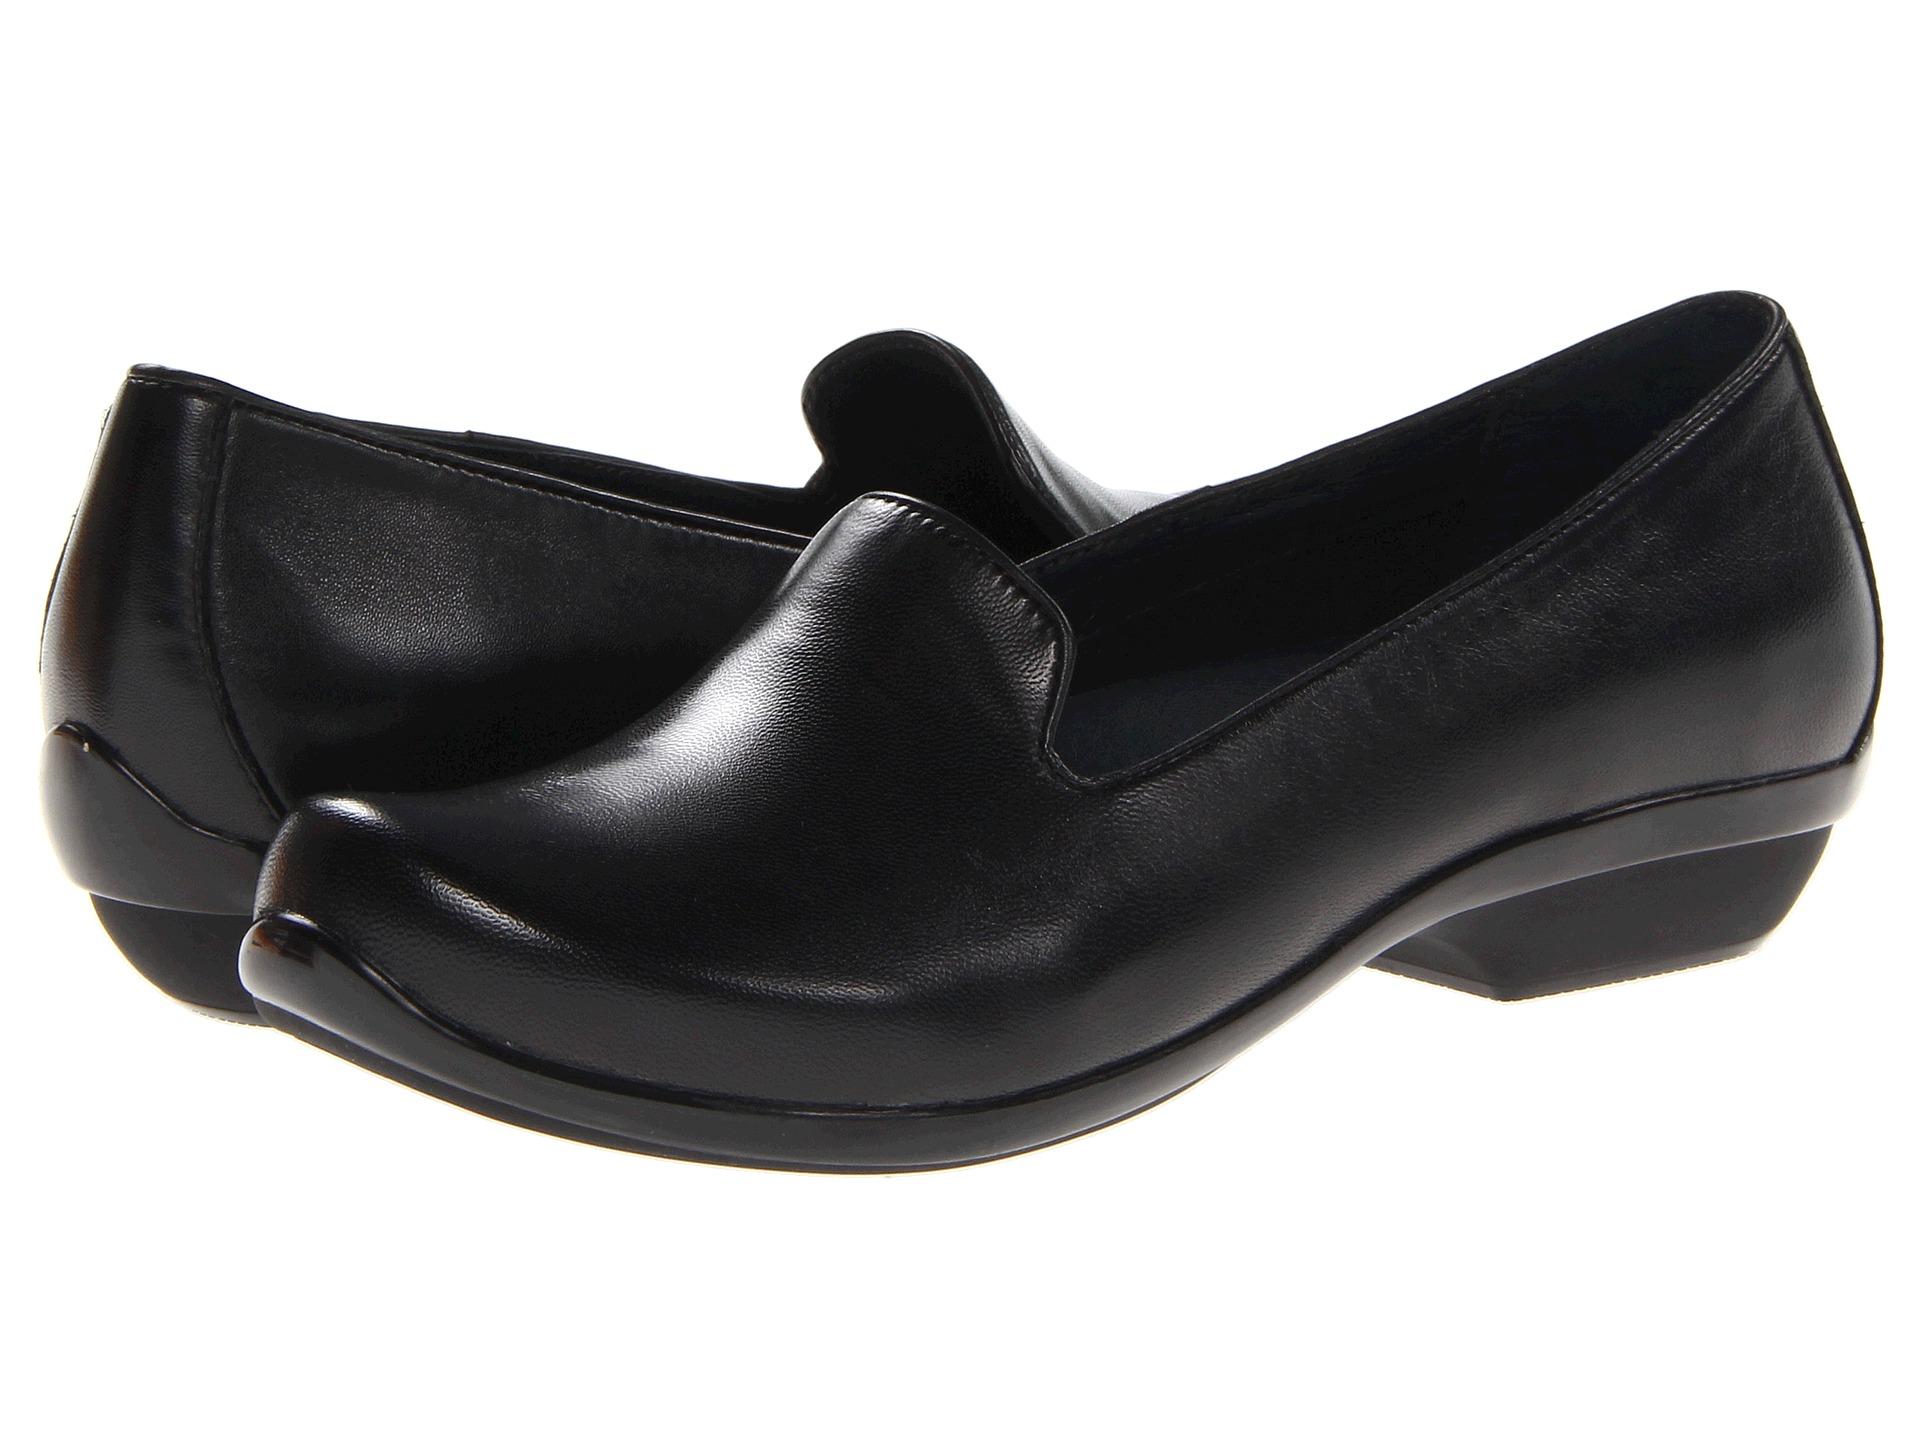 Blue Sandals Zappos Dansko Shoes Women